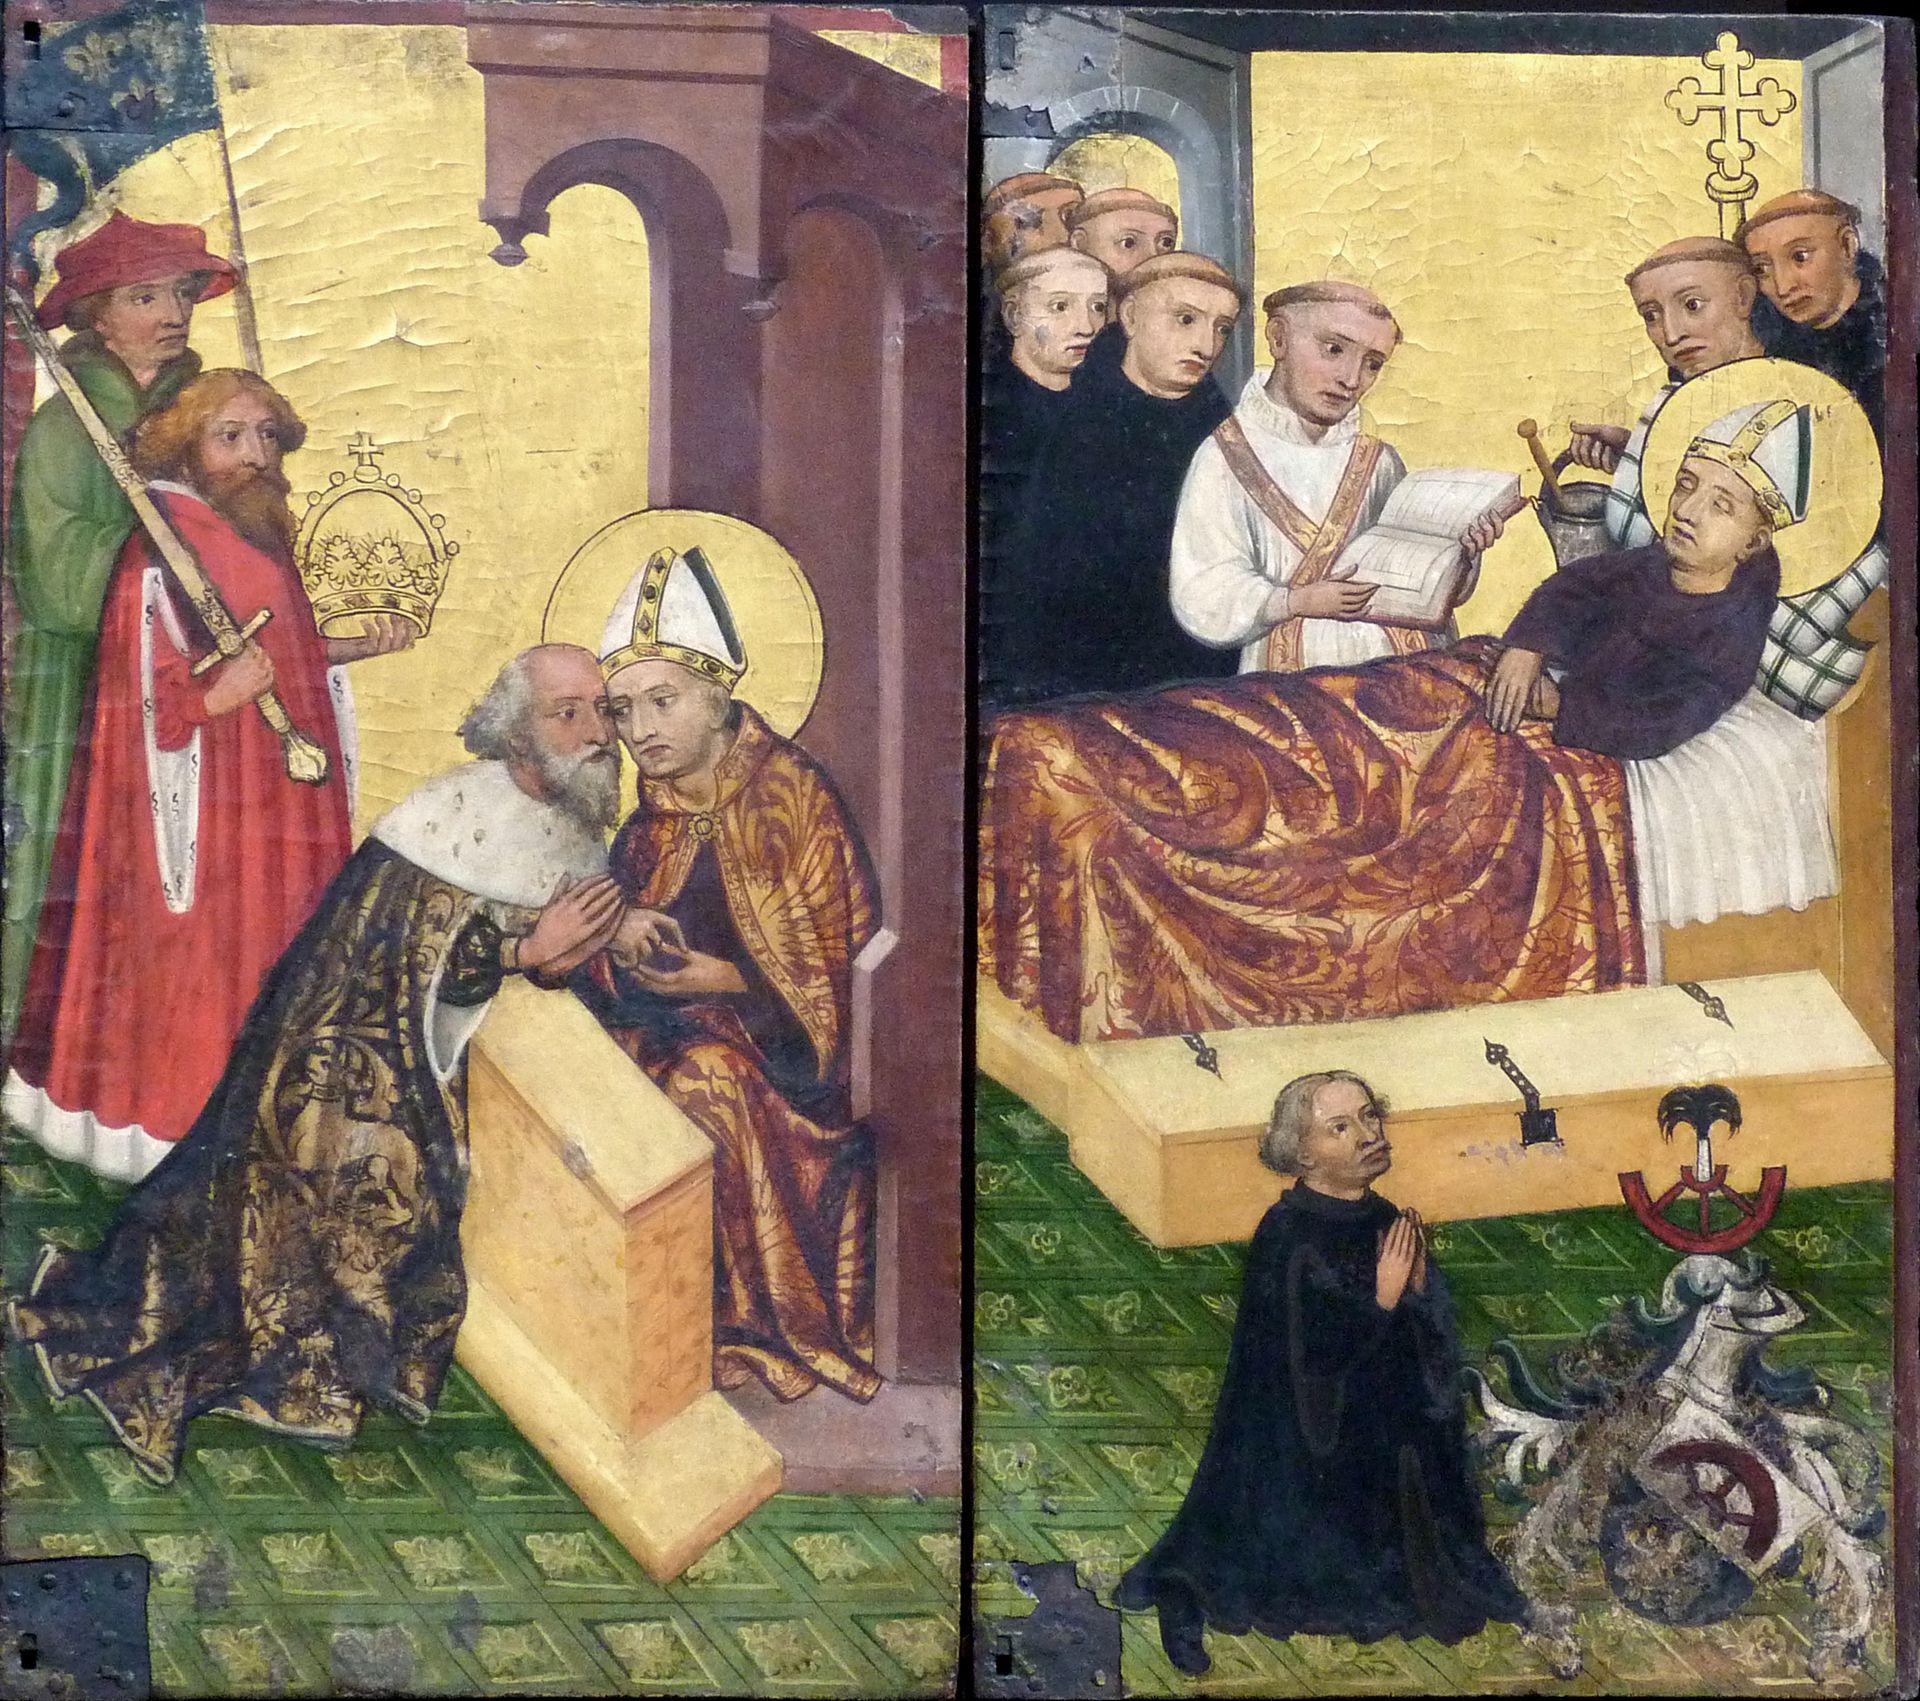 Deocarusaltar linker Predellaflügel, Beichte von Karl dem Großen und Tod des Deocarus mit kniender Stifterfigur